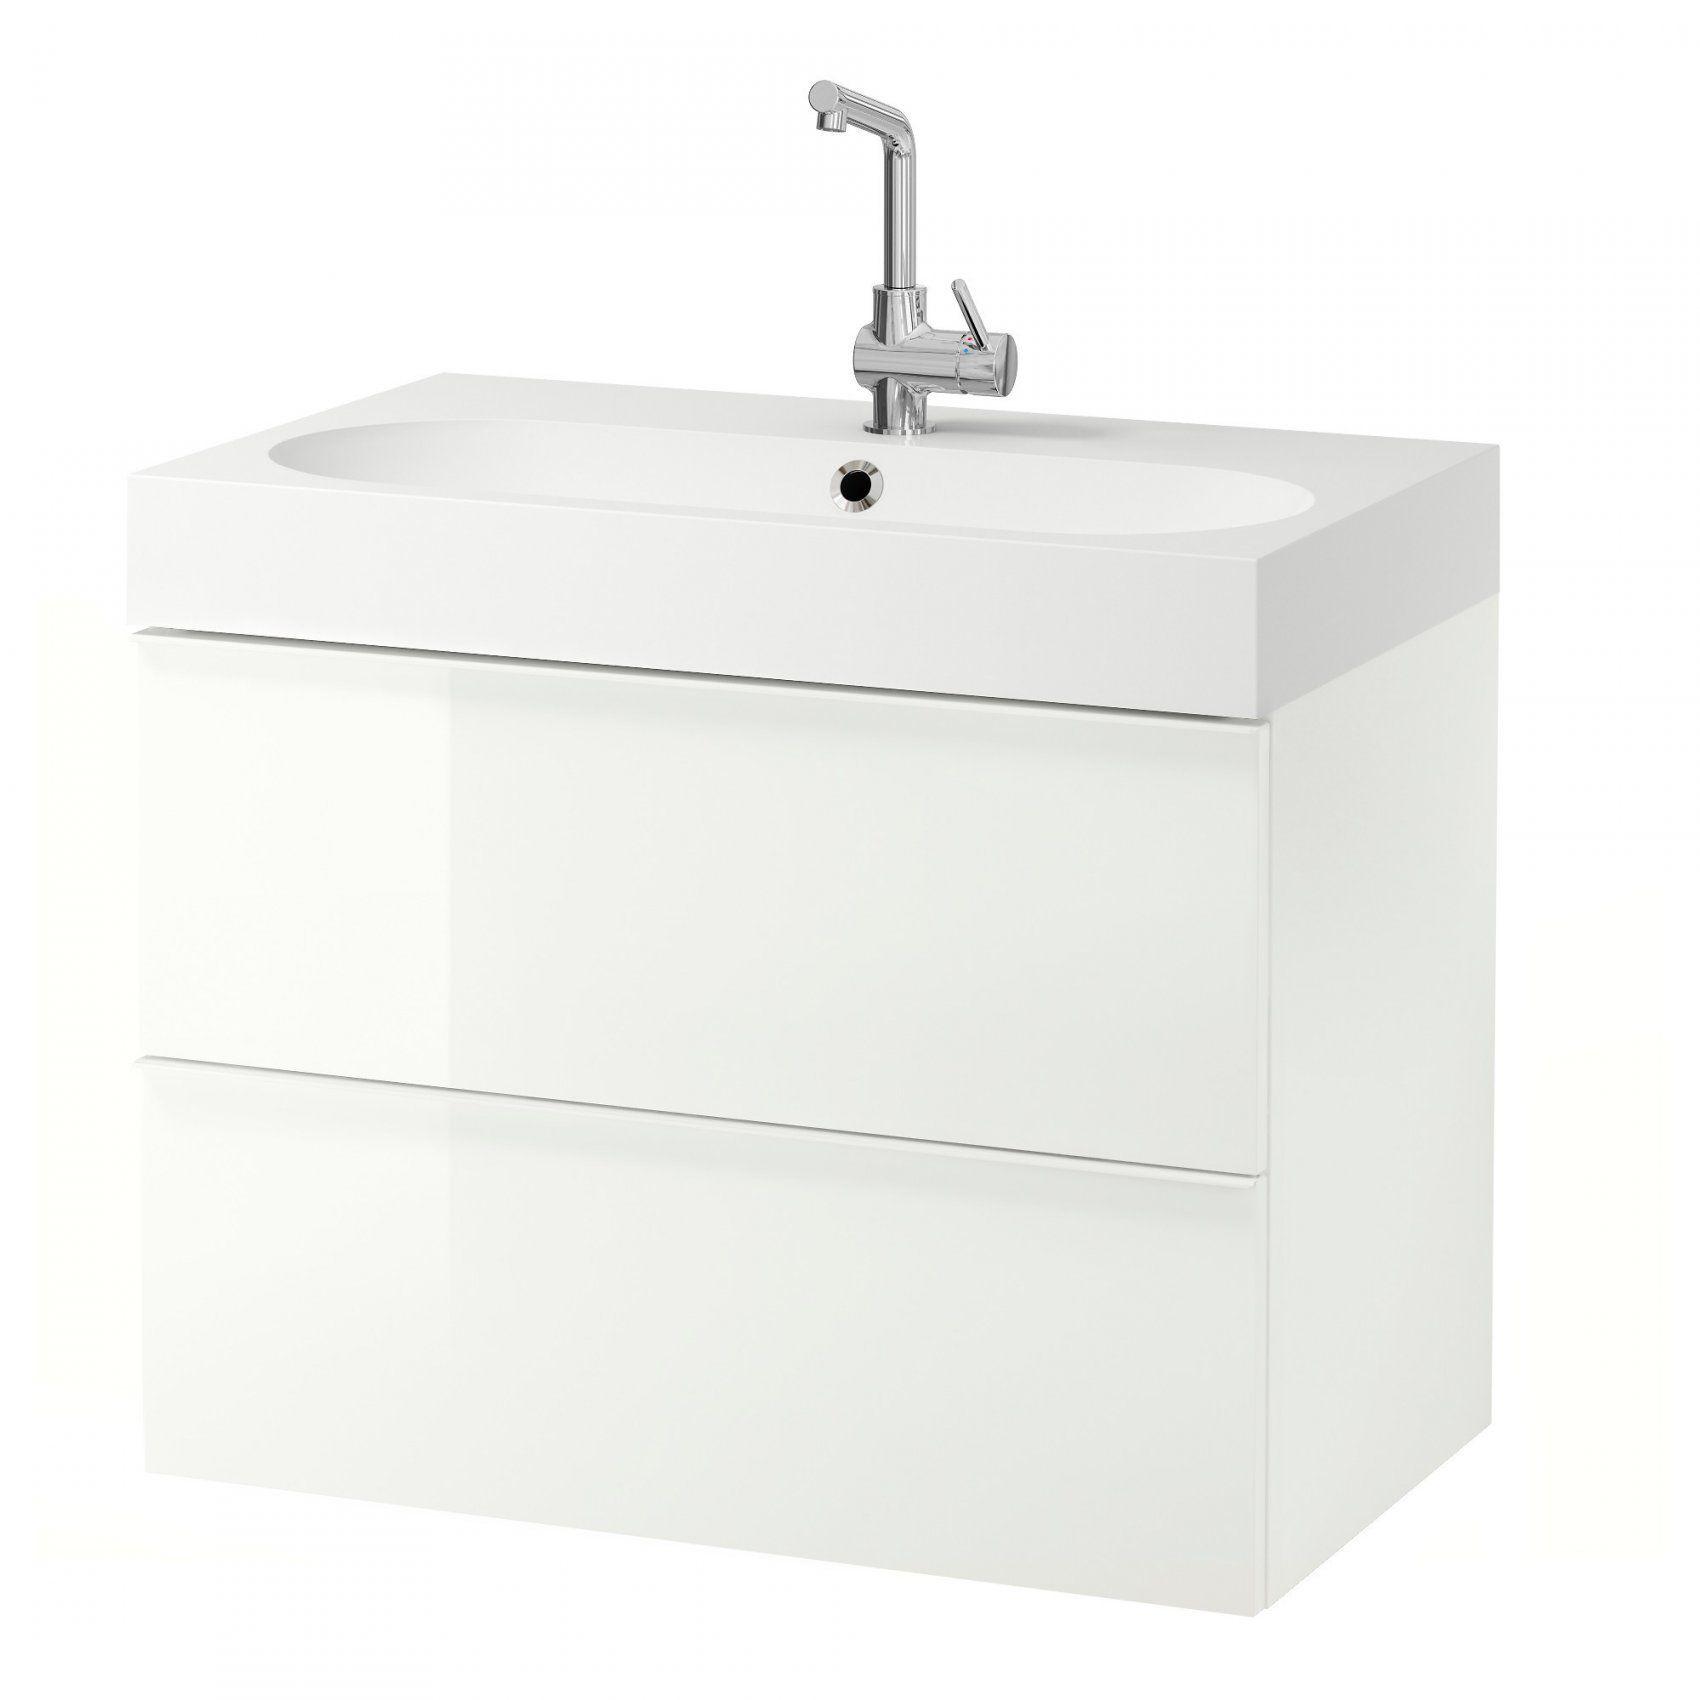 Waschbecken 30 Cm Tief Waschbeckenschrank Waschbecken Kleine